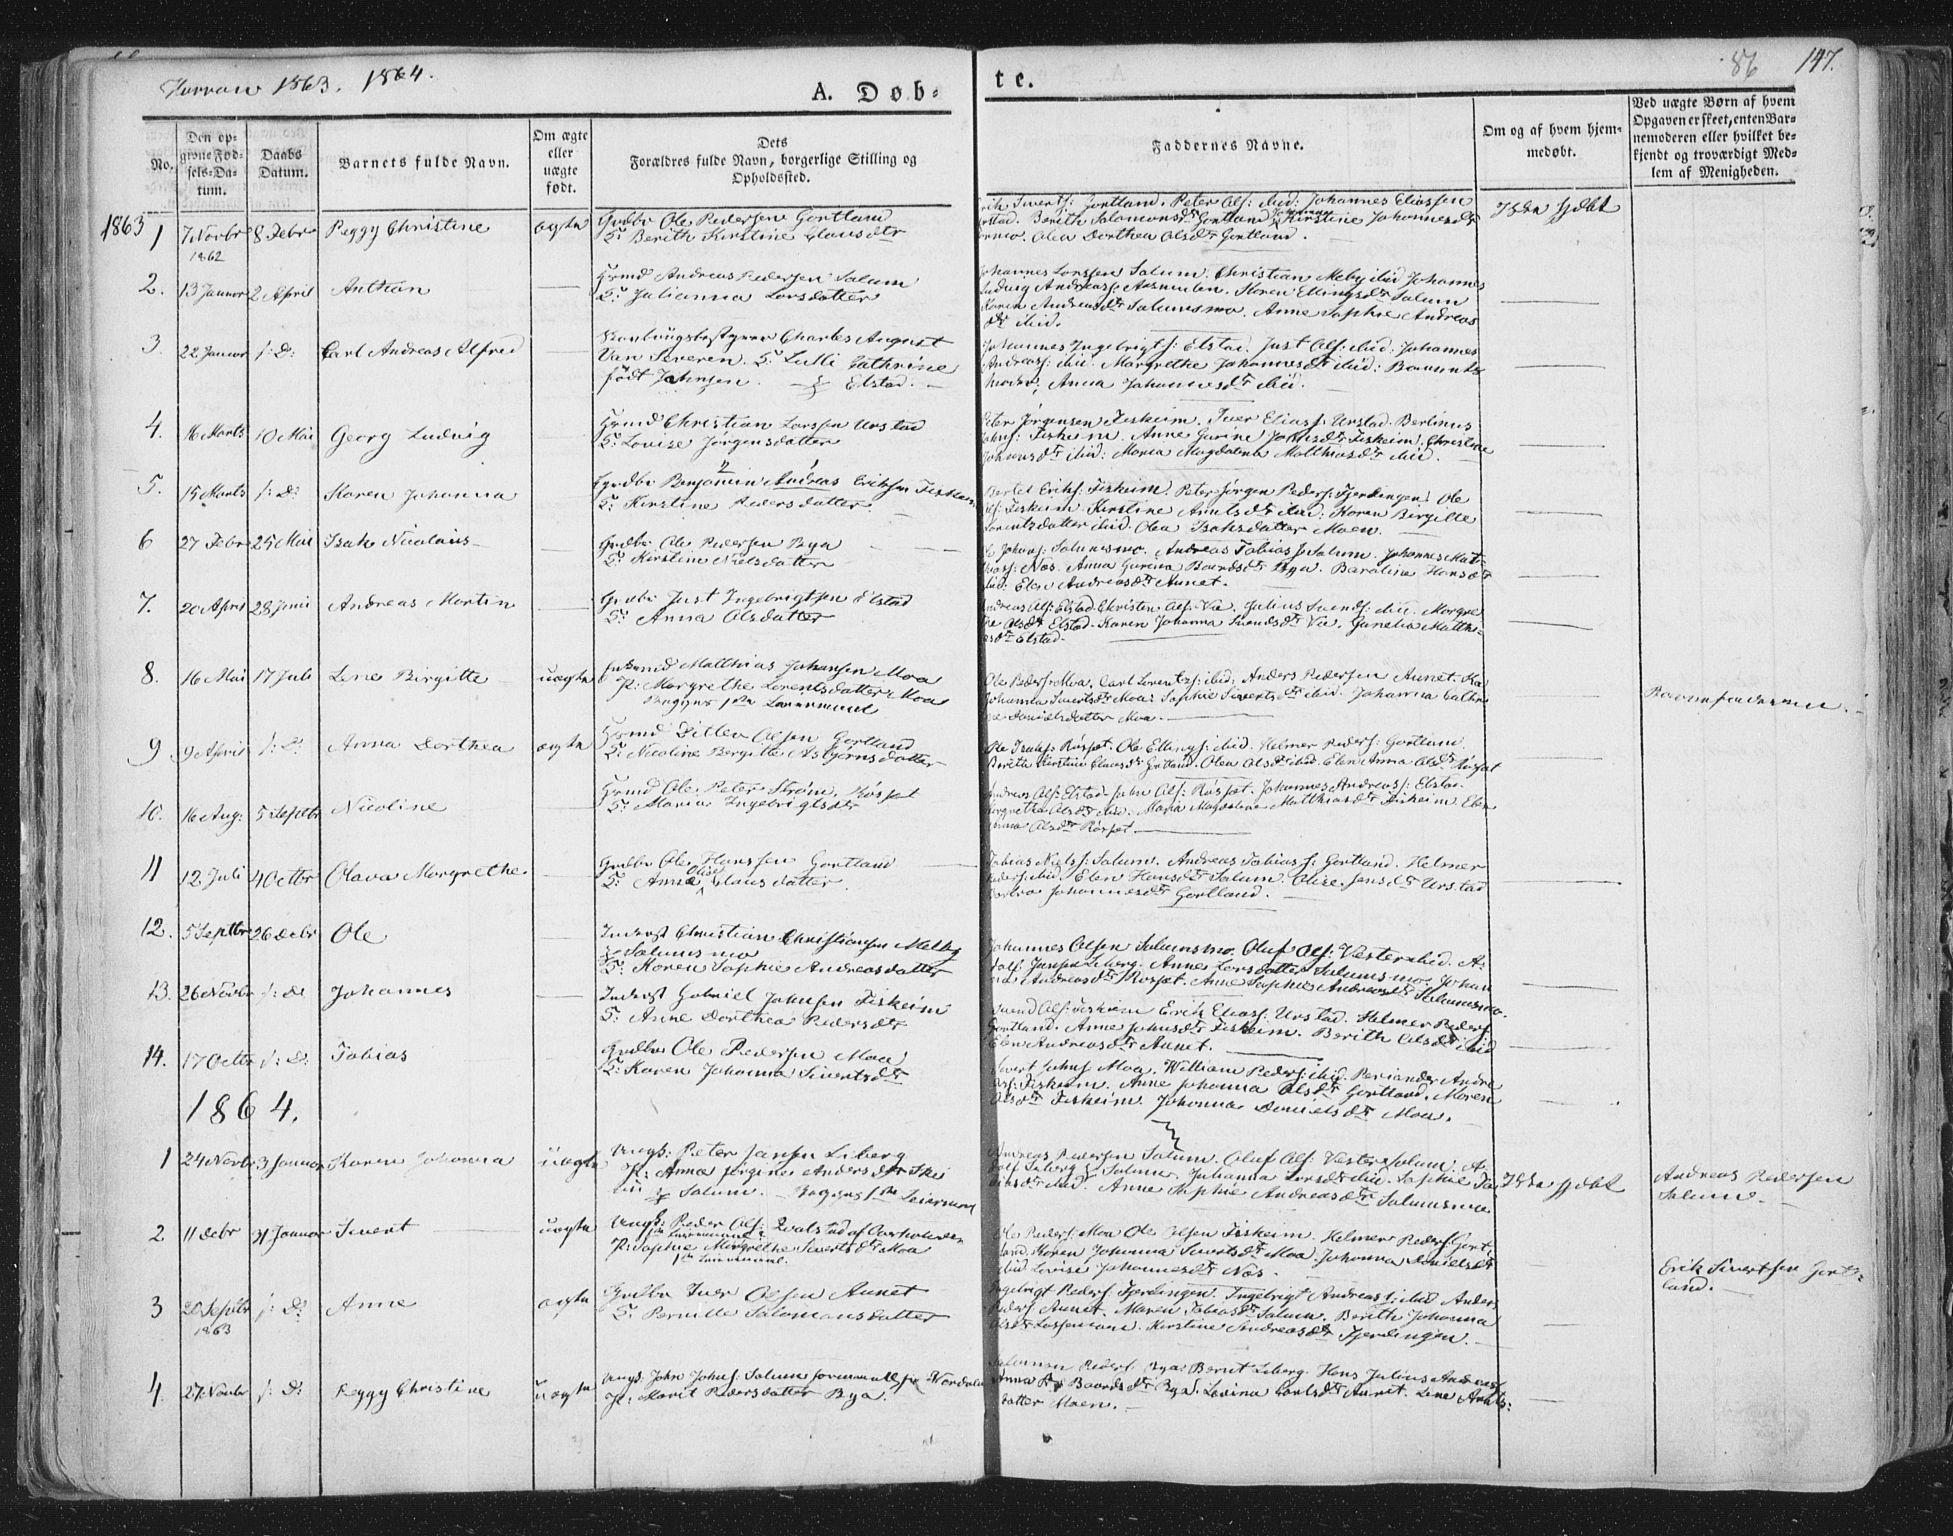 SAT, Ministerialprotokoller, klokkerbøker og fødselsregistre - Nord-Trøndelag, 758/L0513: Ministerialbok nr. 758A02 /3, 1839-1868, s. 86